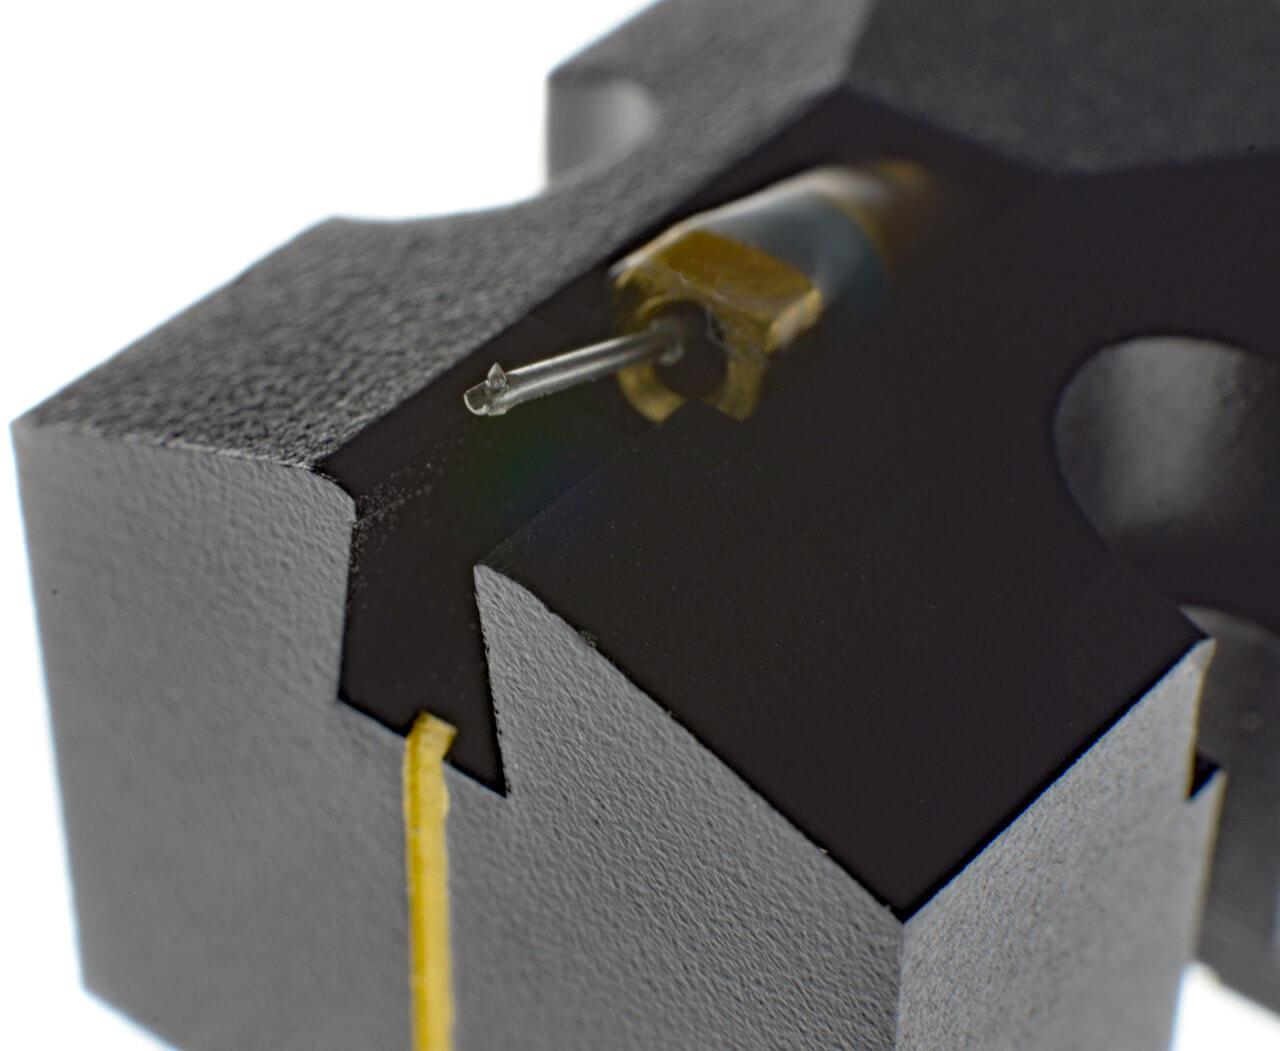 Blick auf die Nadel und den Nadelträger eines Tonabnehmersystems